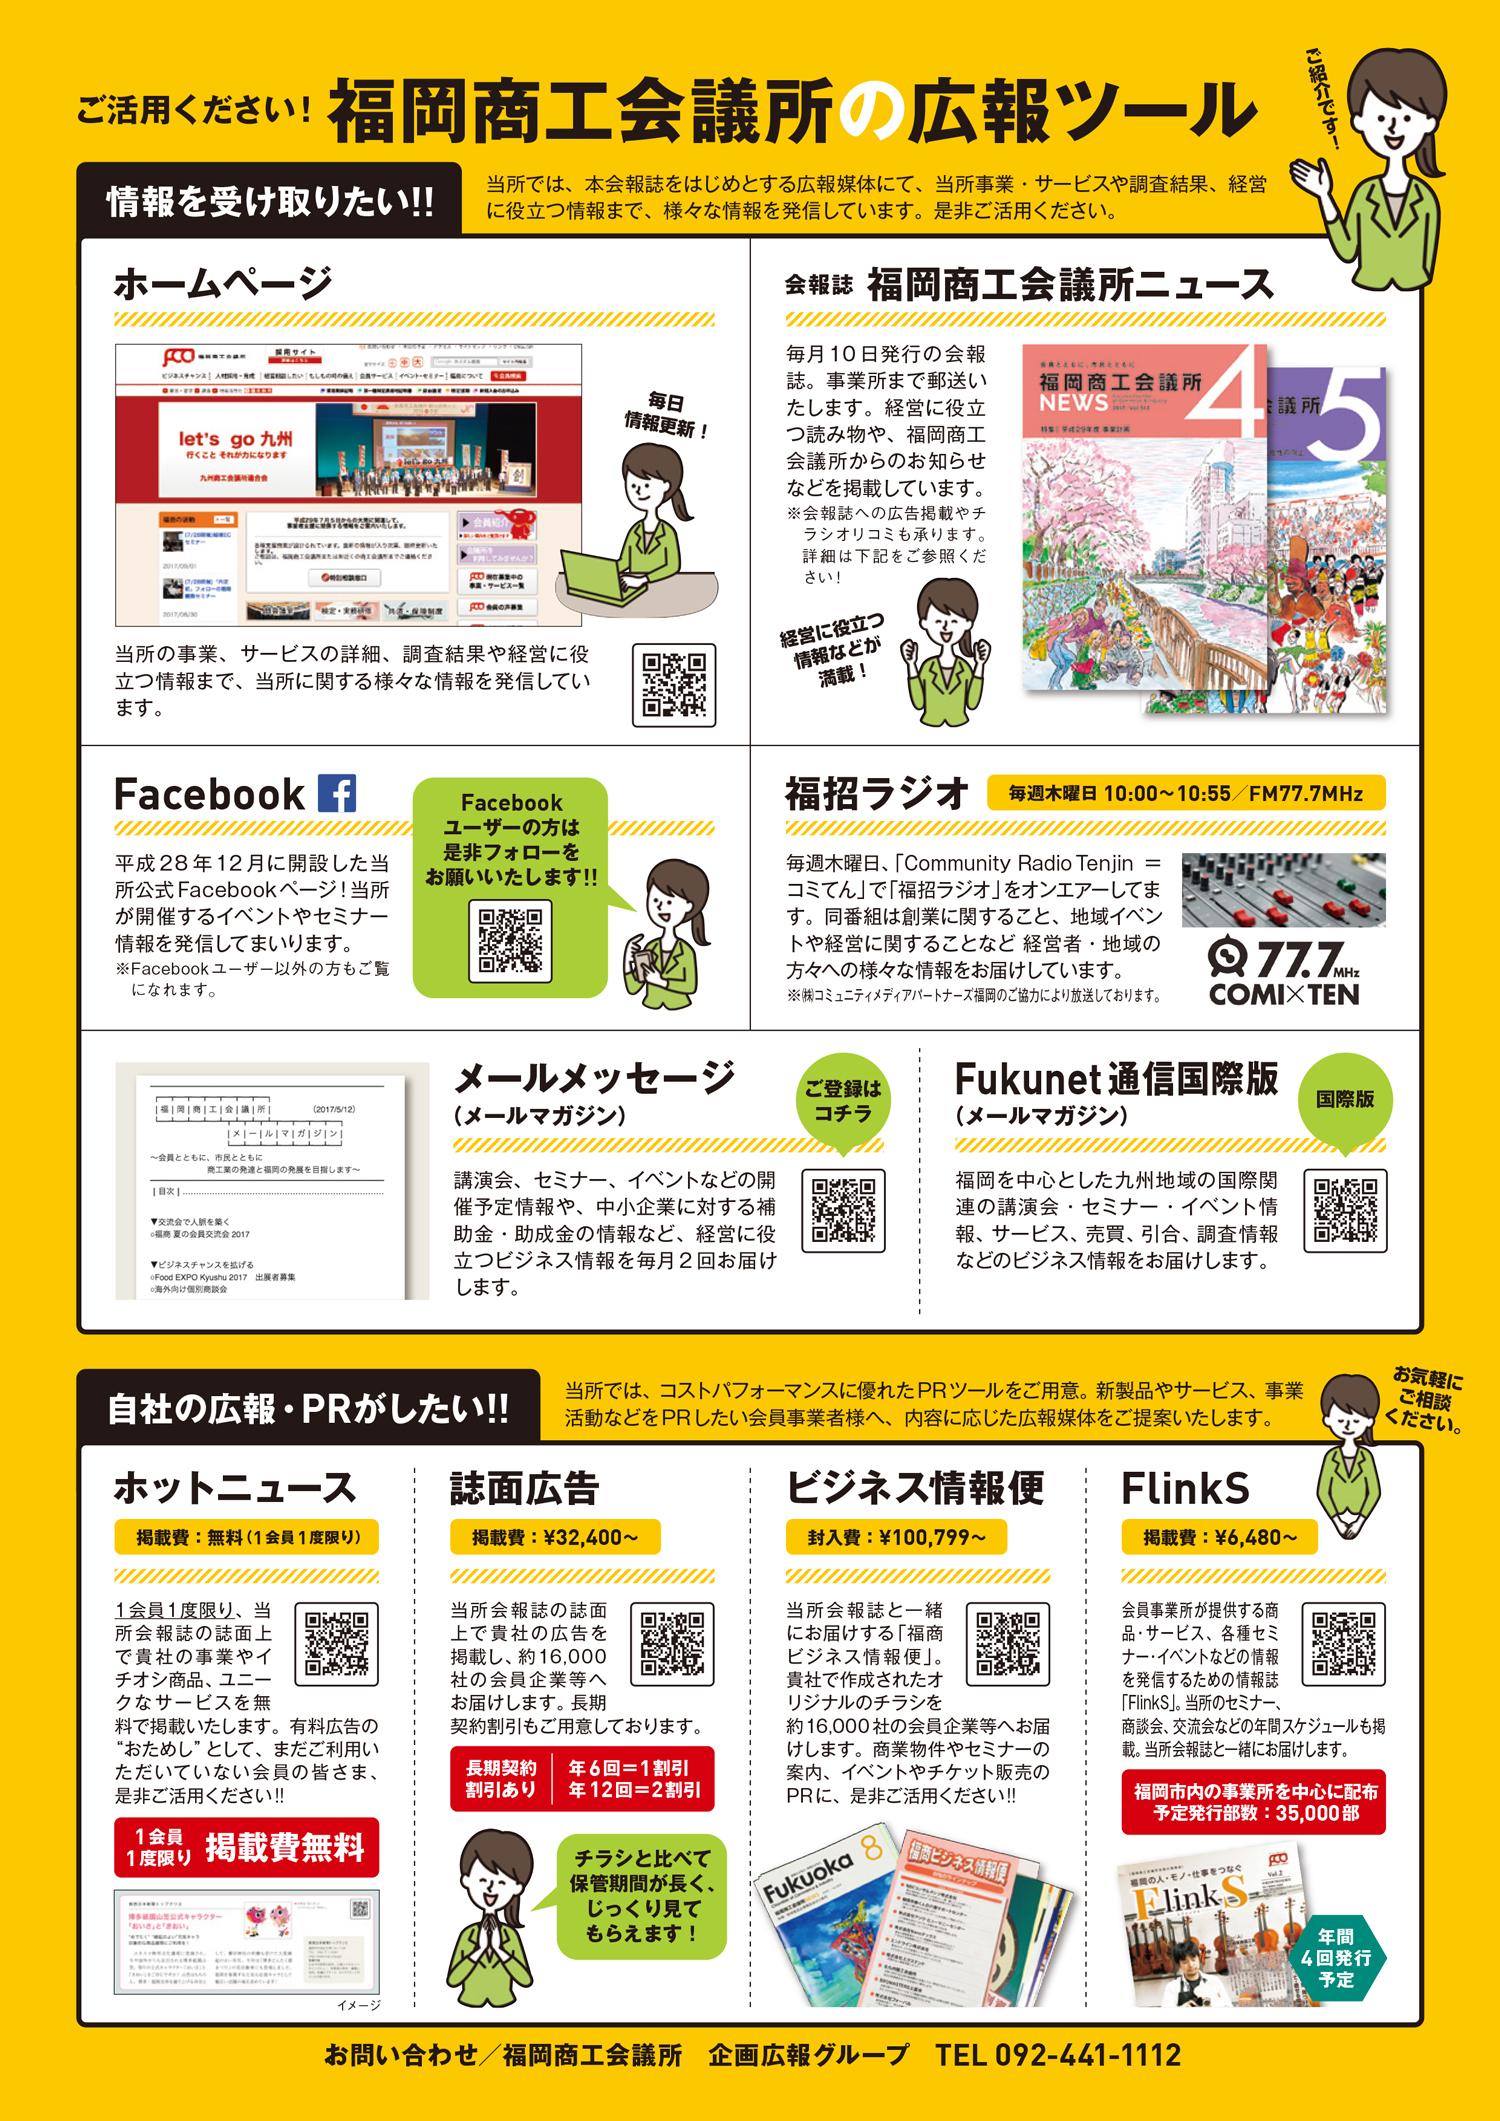 福岡商工会議所の広報ツール